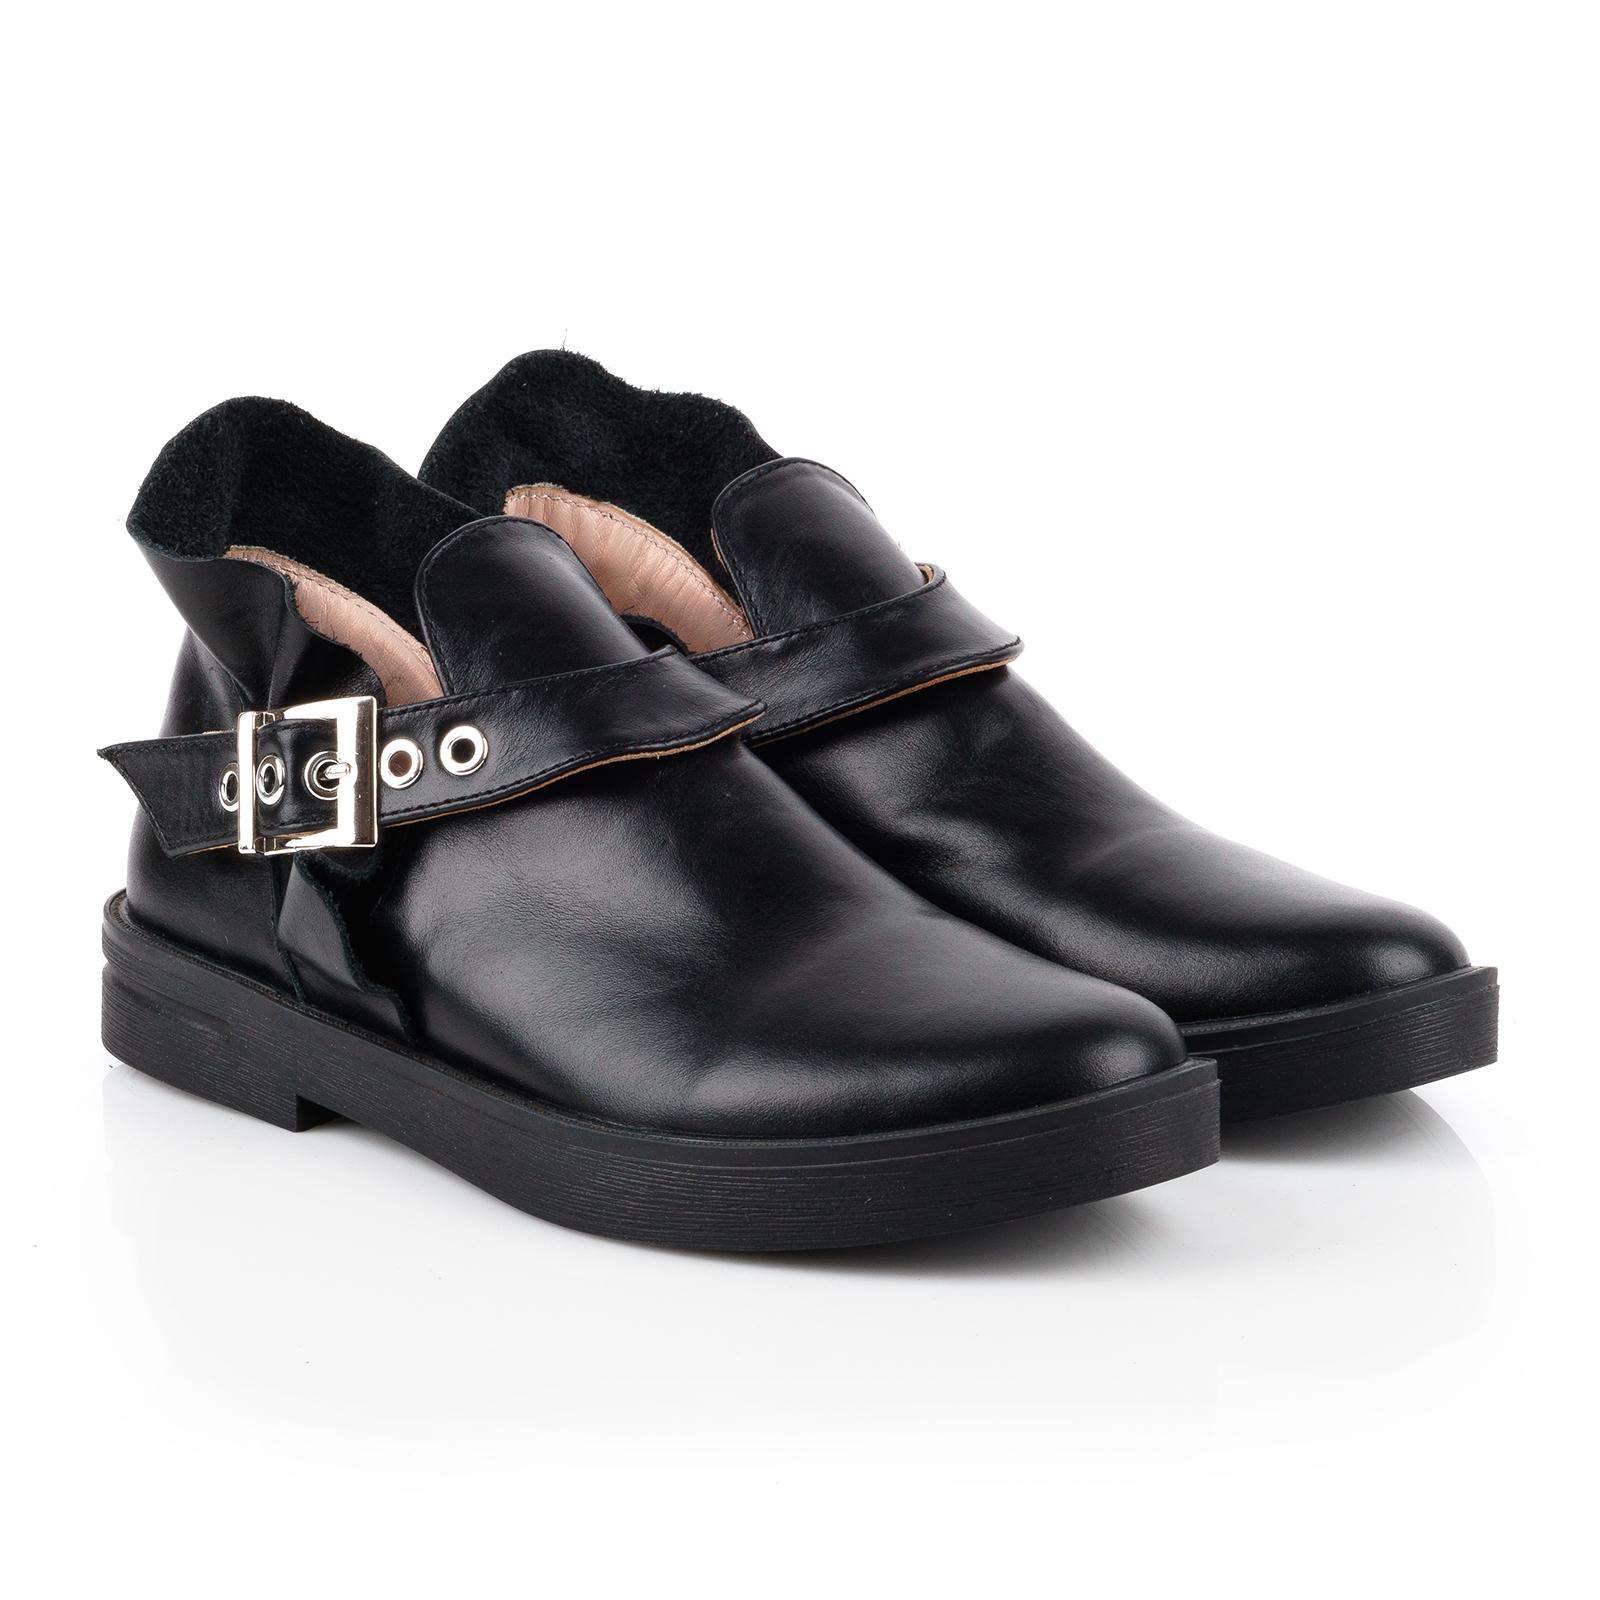 Полуботинки женские Ботинки Мерлин кожаные черного цвета 100051 выбрать, 2017